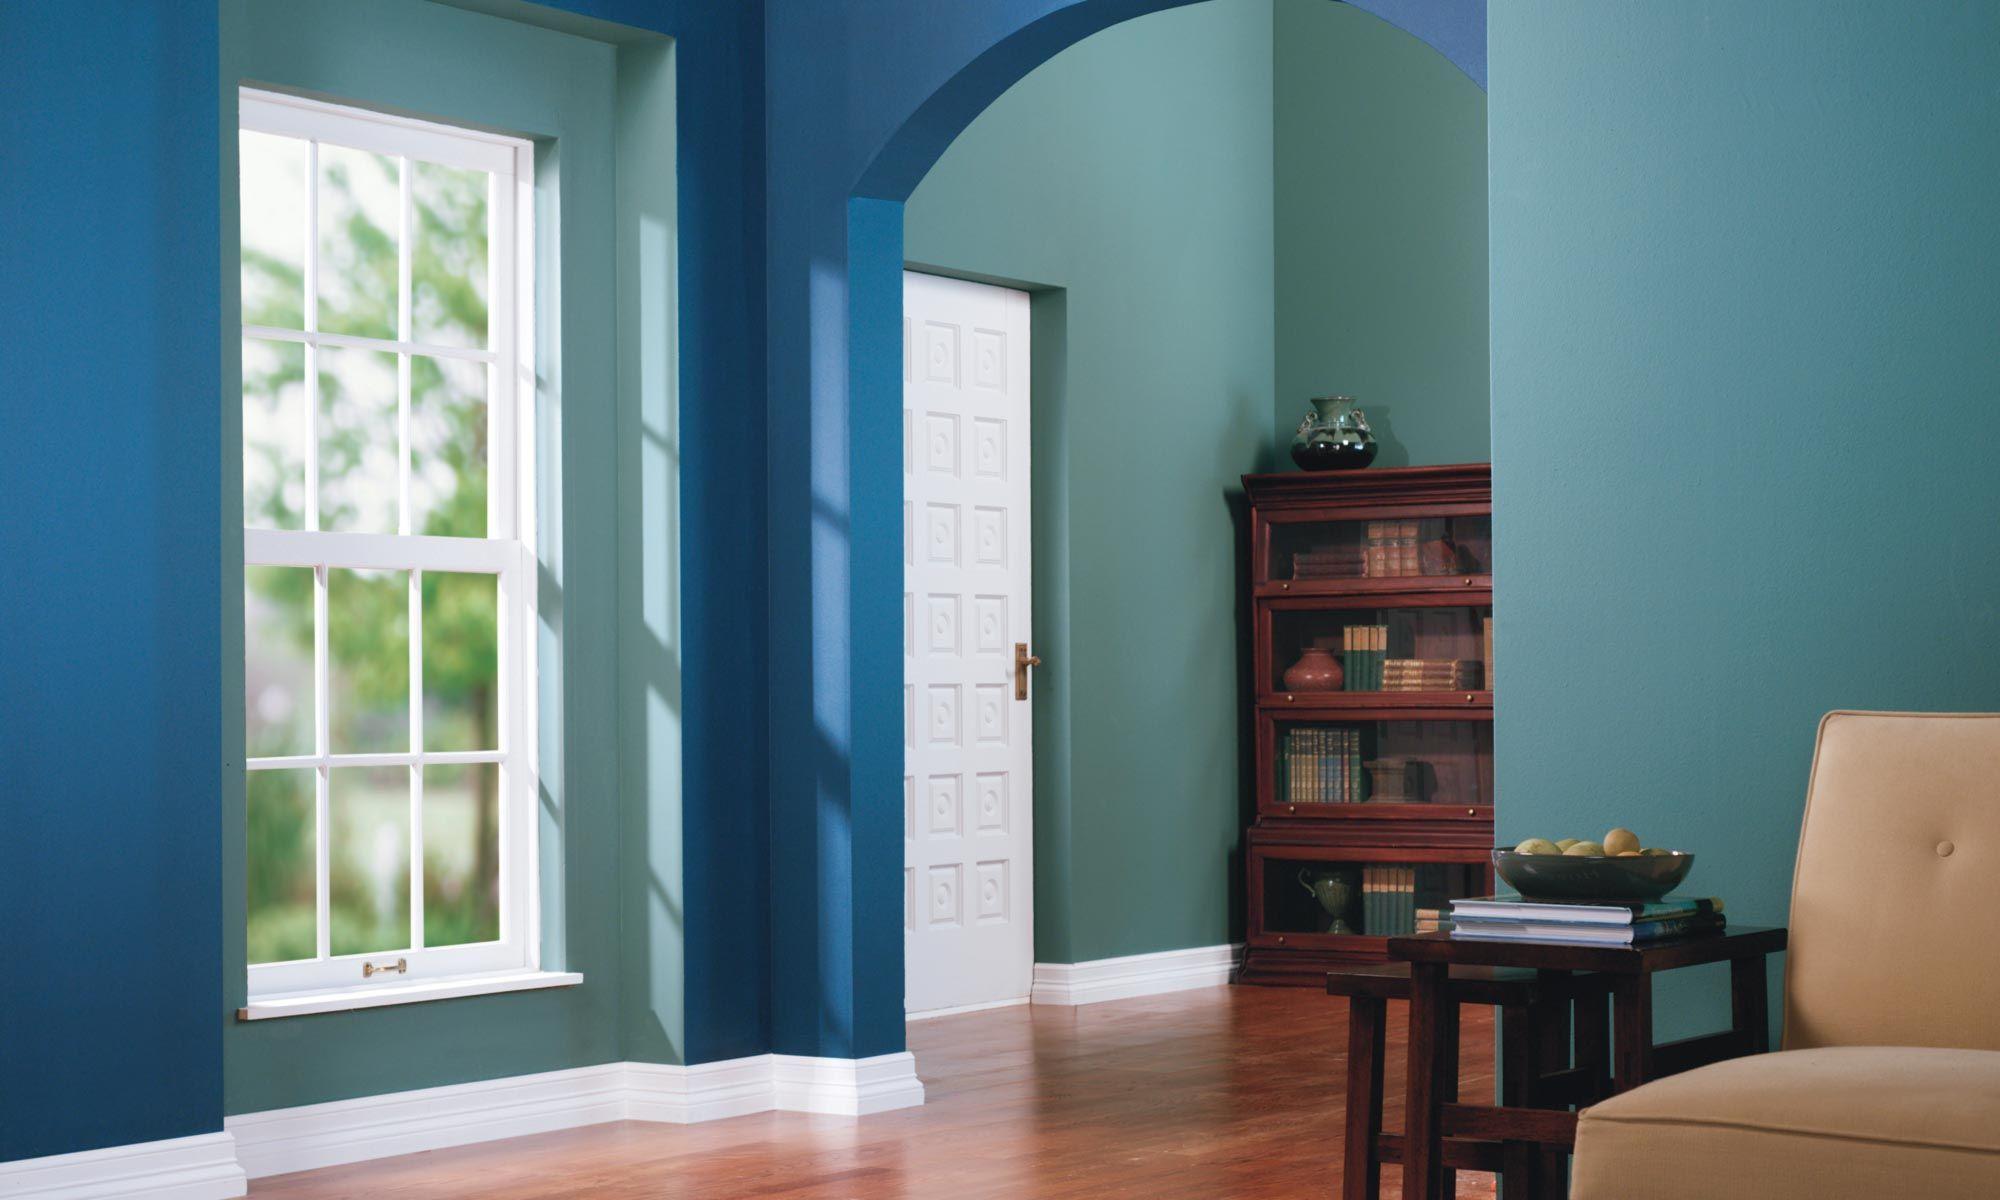 Strange 17 Best Images About Paint Color On Pinterest Paint Colors Largest Home Design Picture Inspirations Pitcheantrous